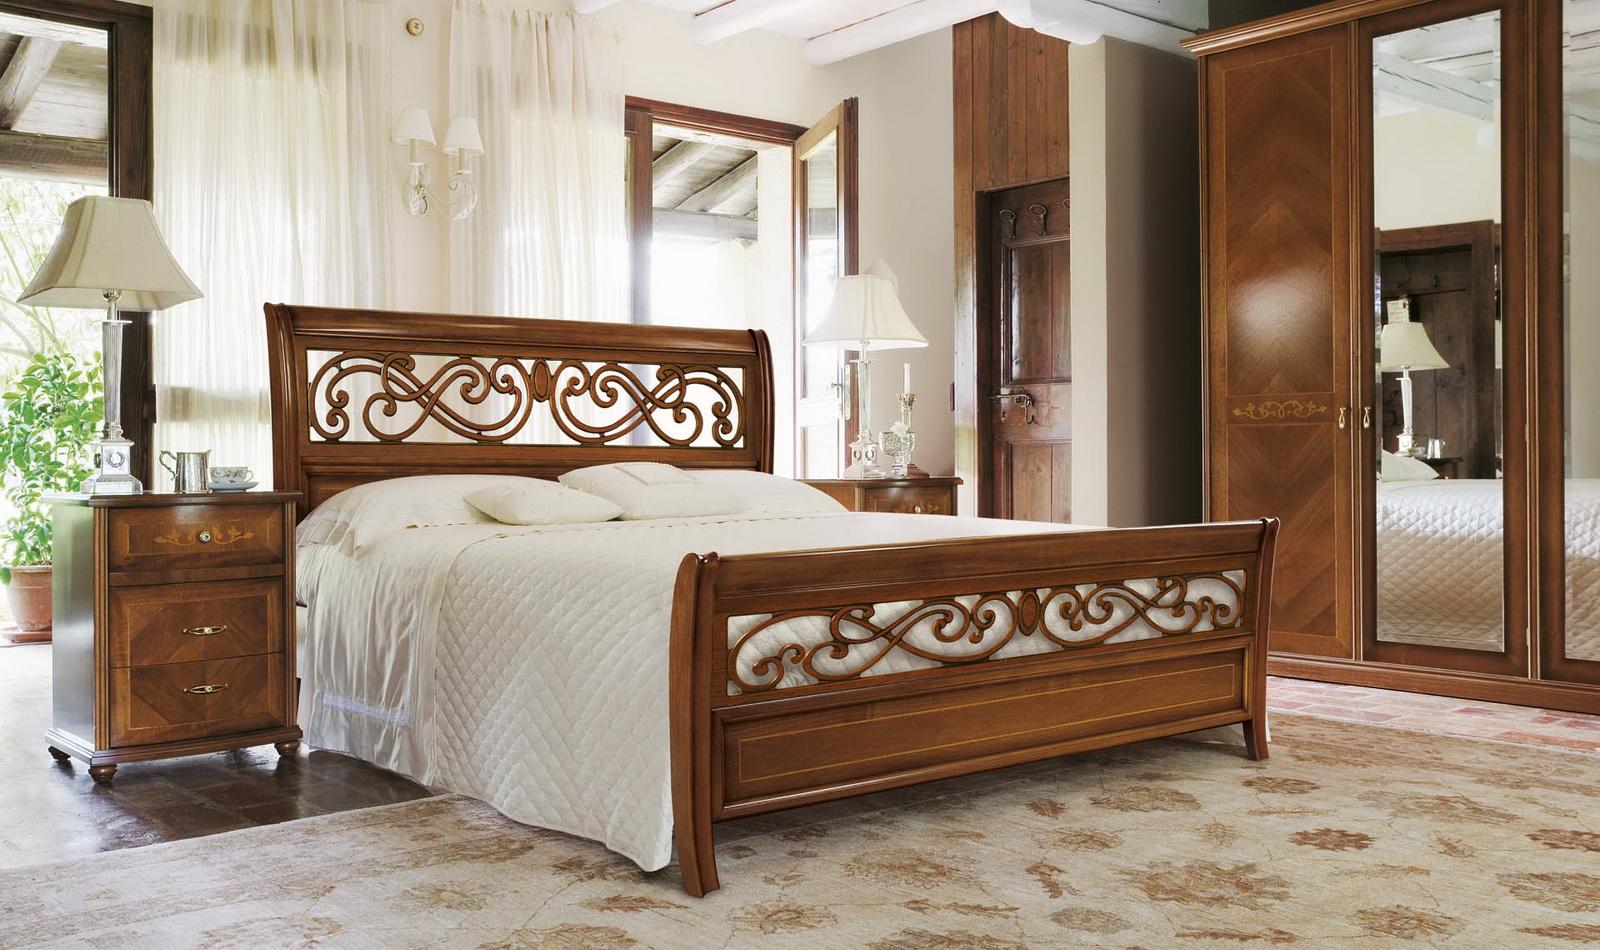 Супружеская кровать фото 17 фотография